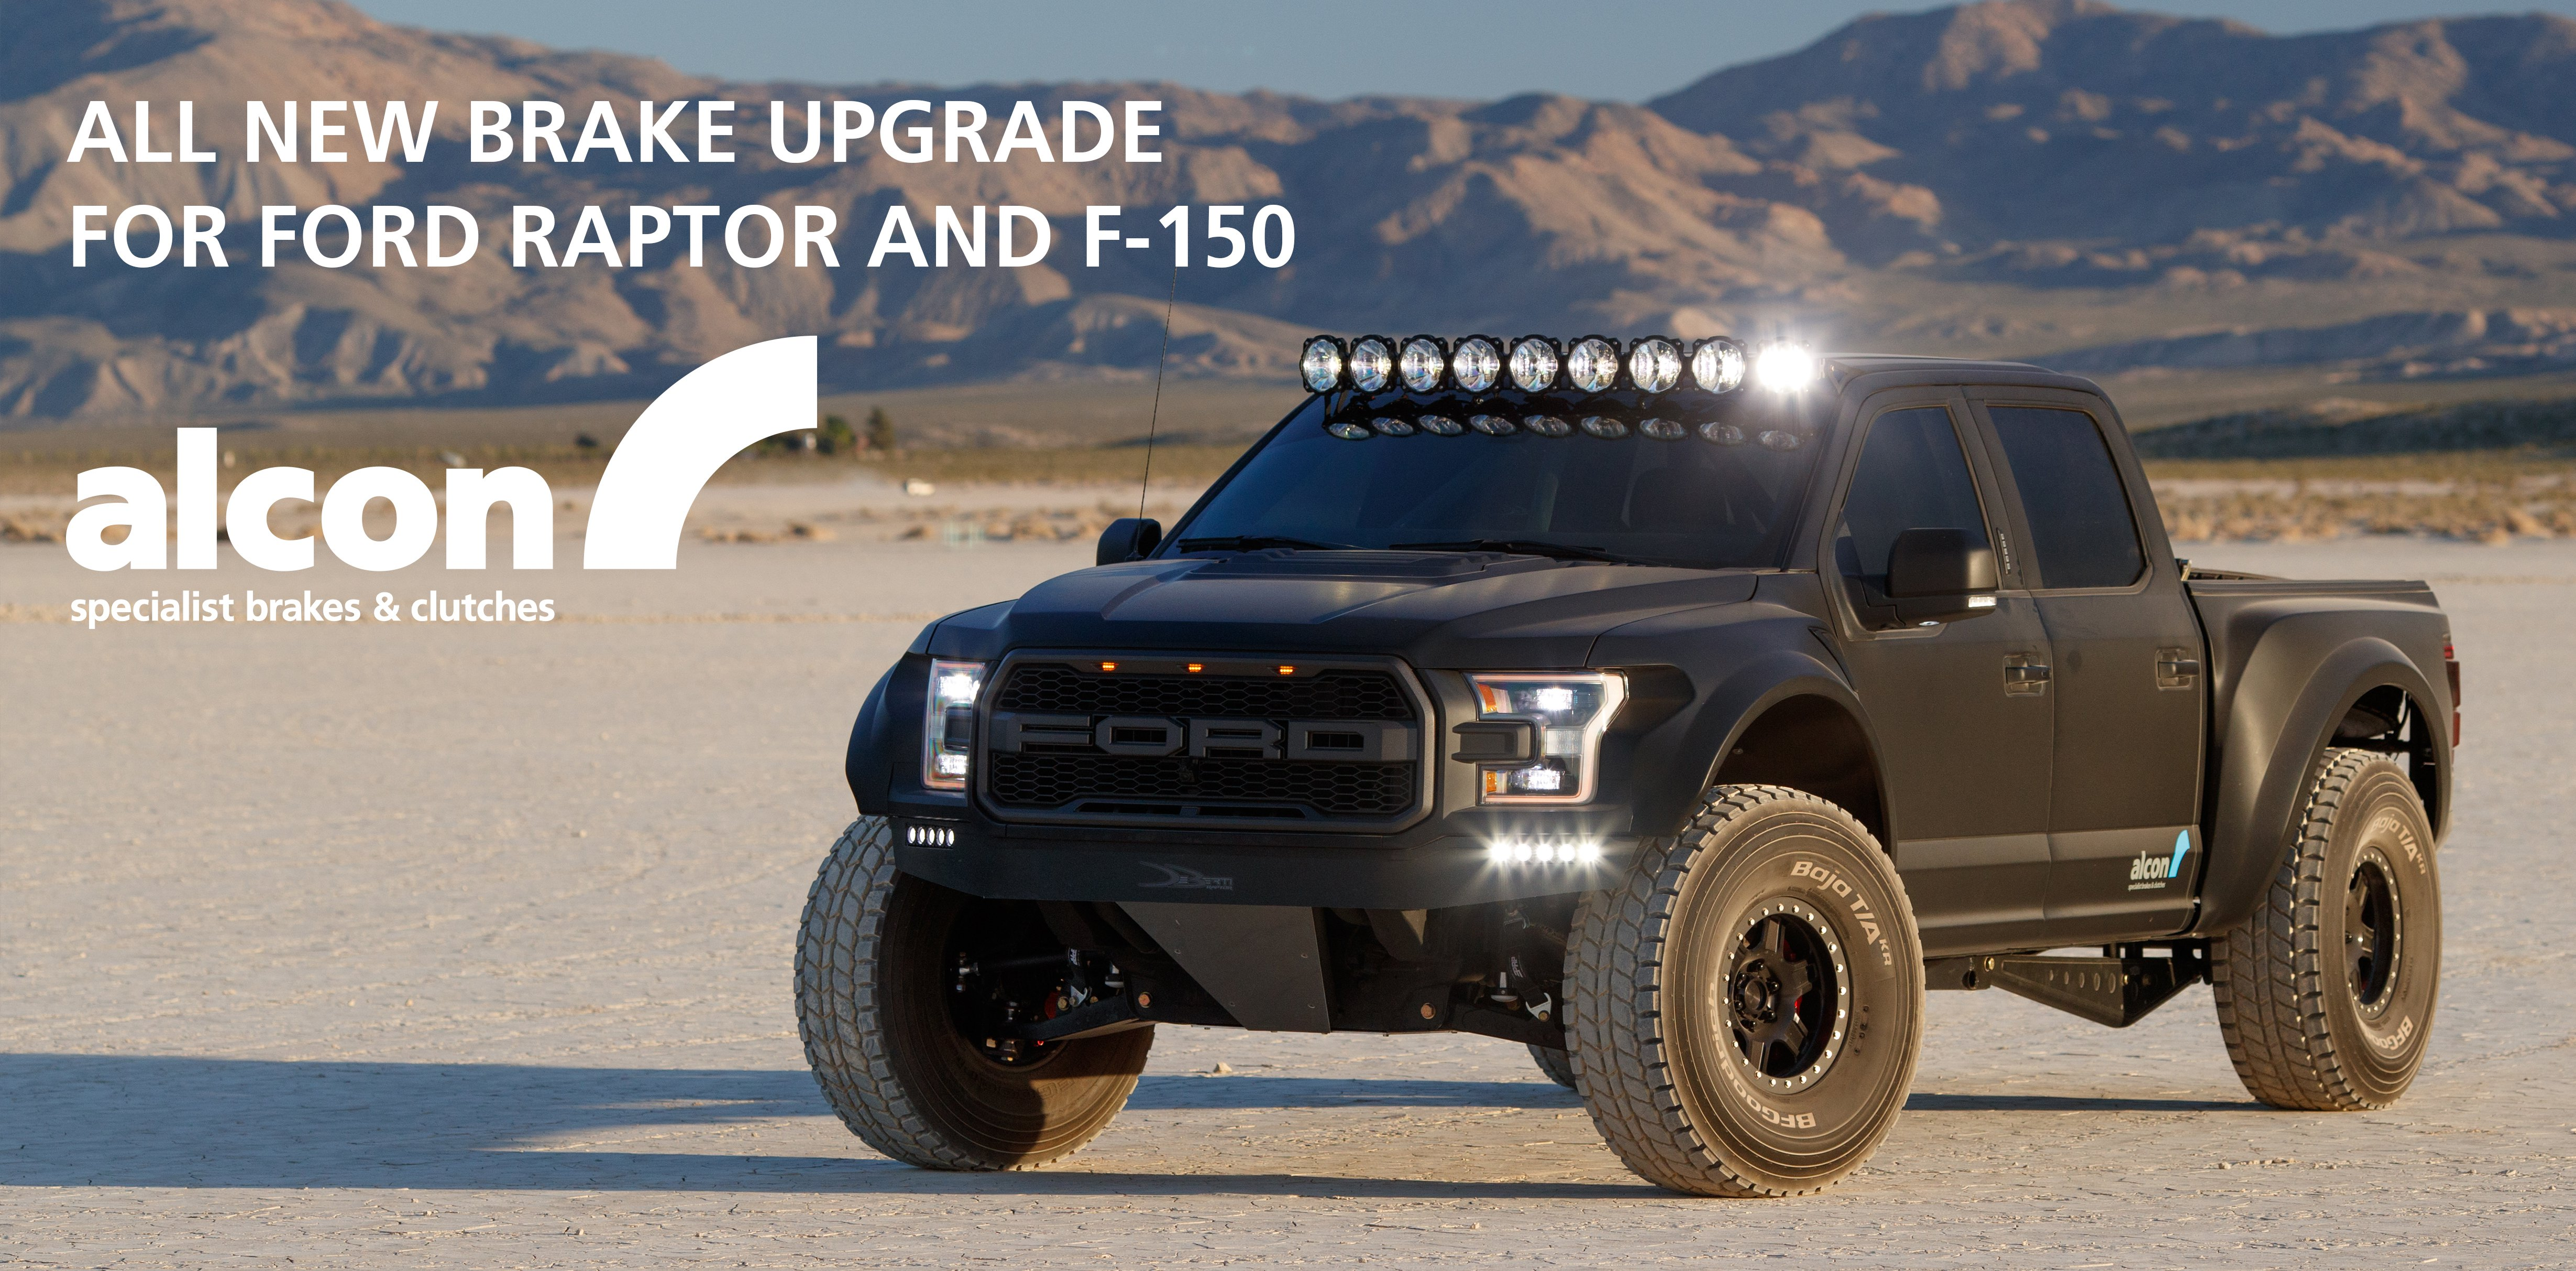 Ford SVT Raptor Heavy Duty Brakes announced